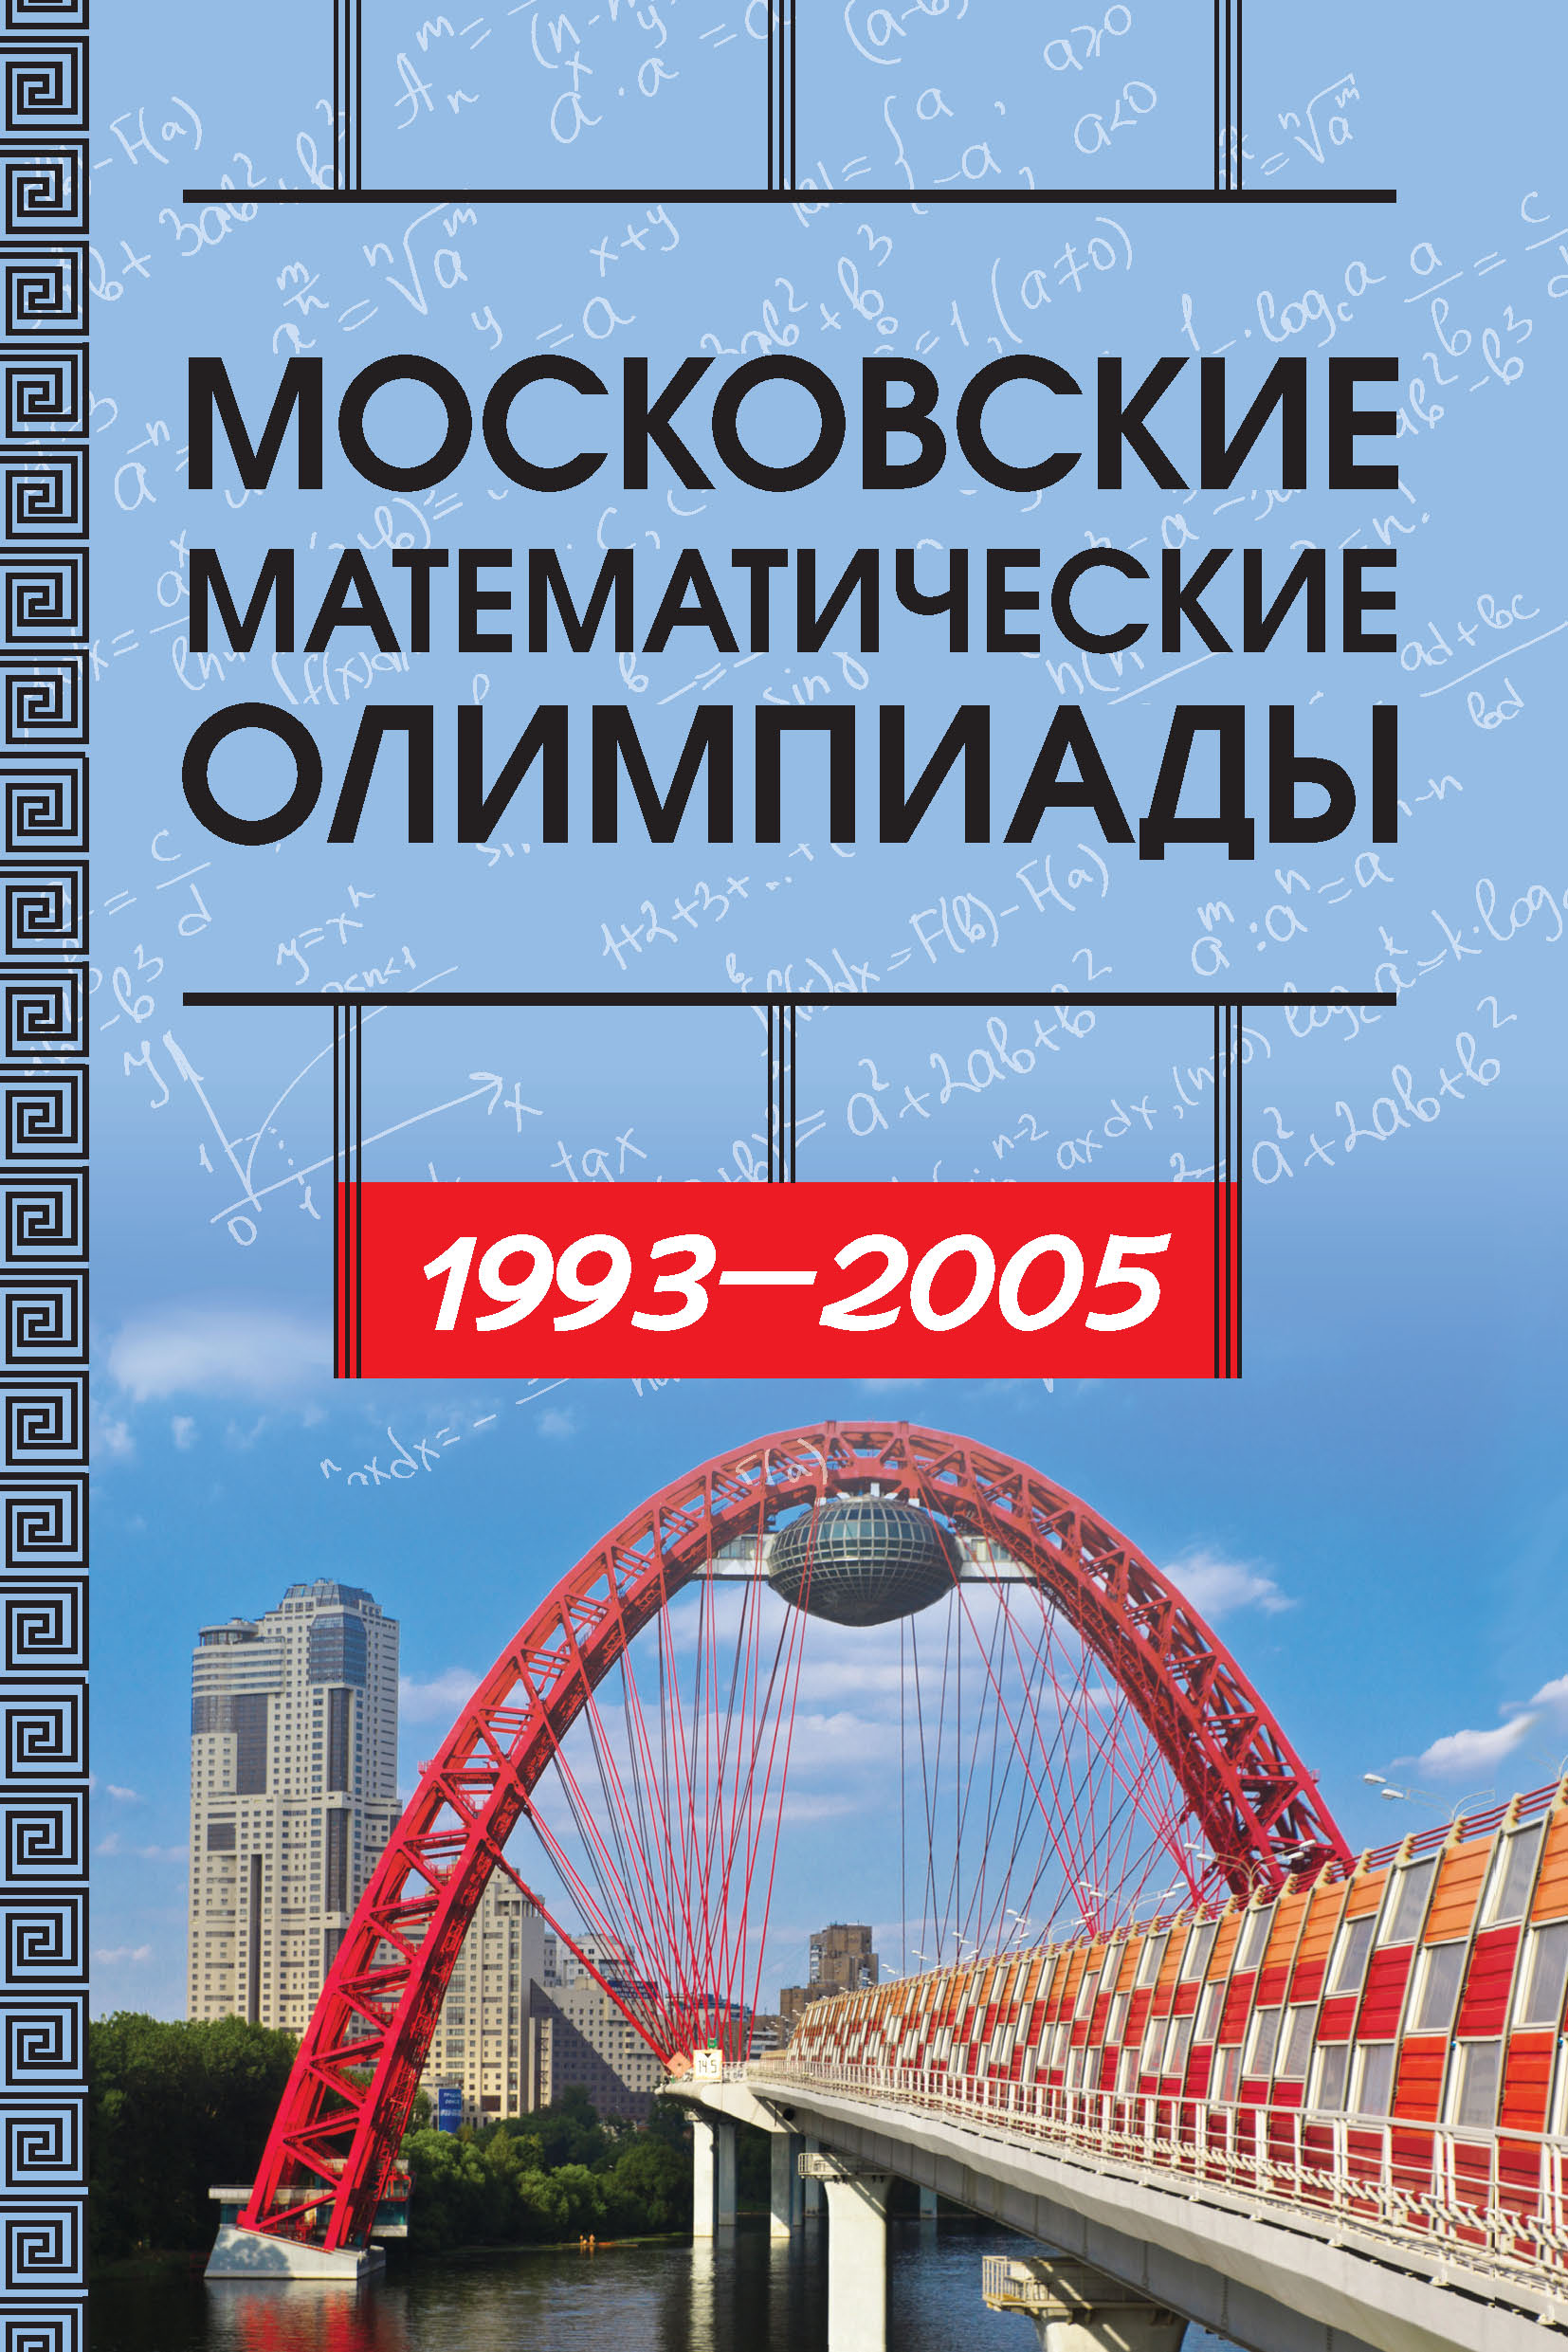 И. В. Ященко Московские математические олимпиады 1993—2005 г. каспаров г мой шахматный путь том 3 1993 2005